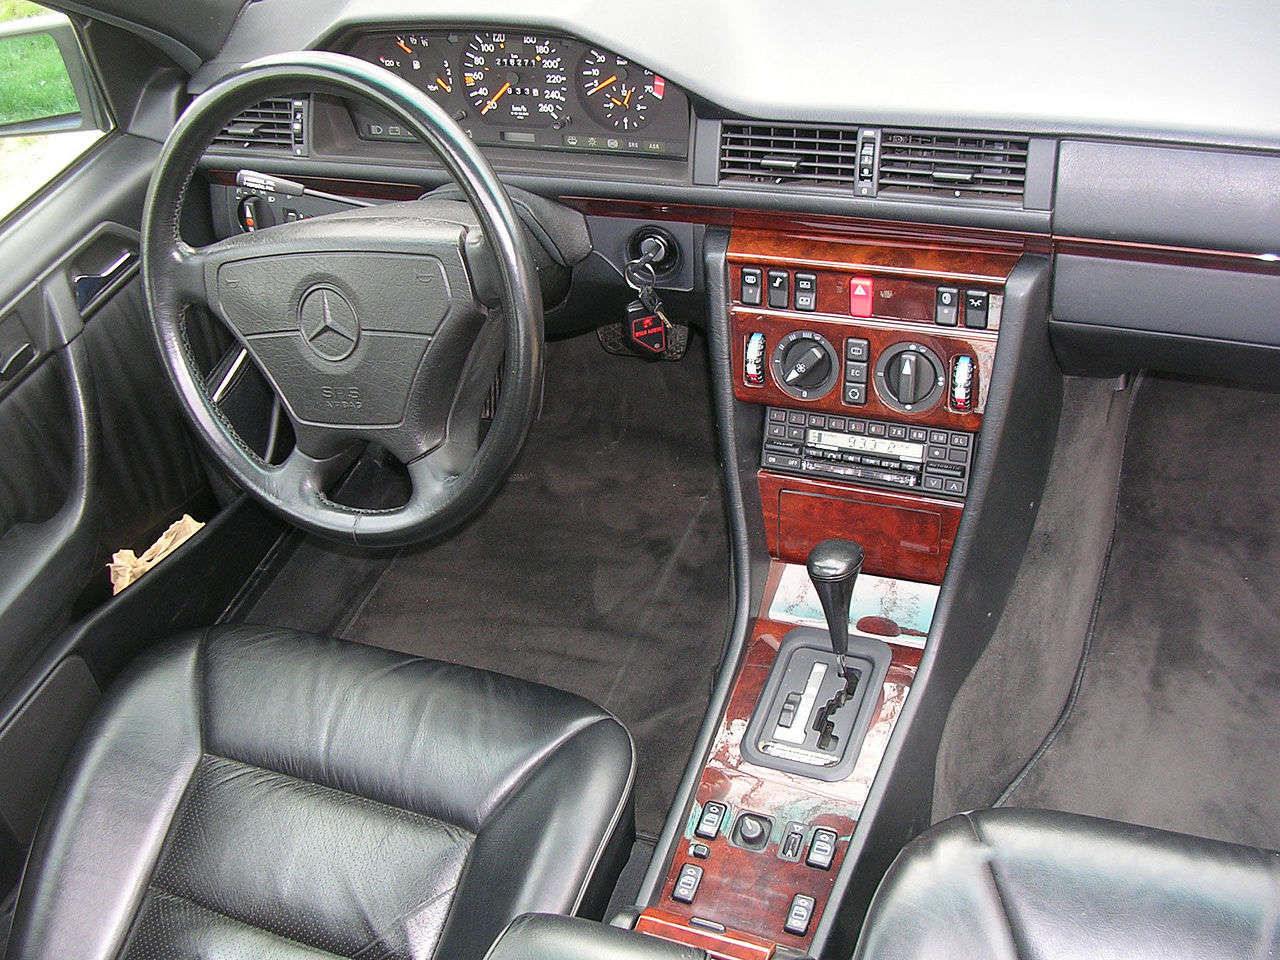 Interieur mercedes  File:Intérieur Mercedes 500E (W124.036).jpg - Wikimedia Commons